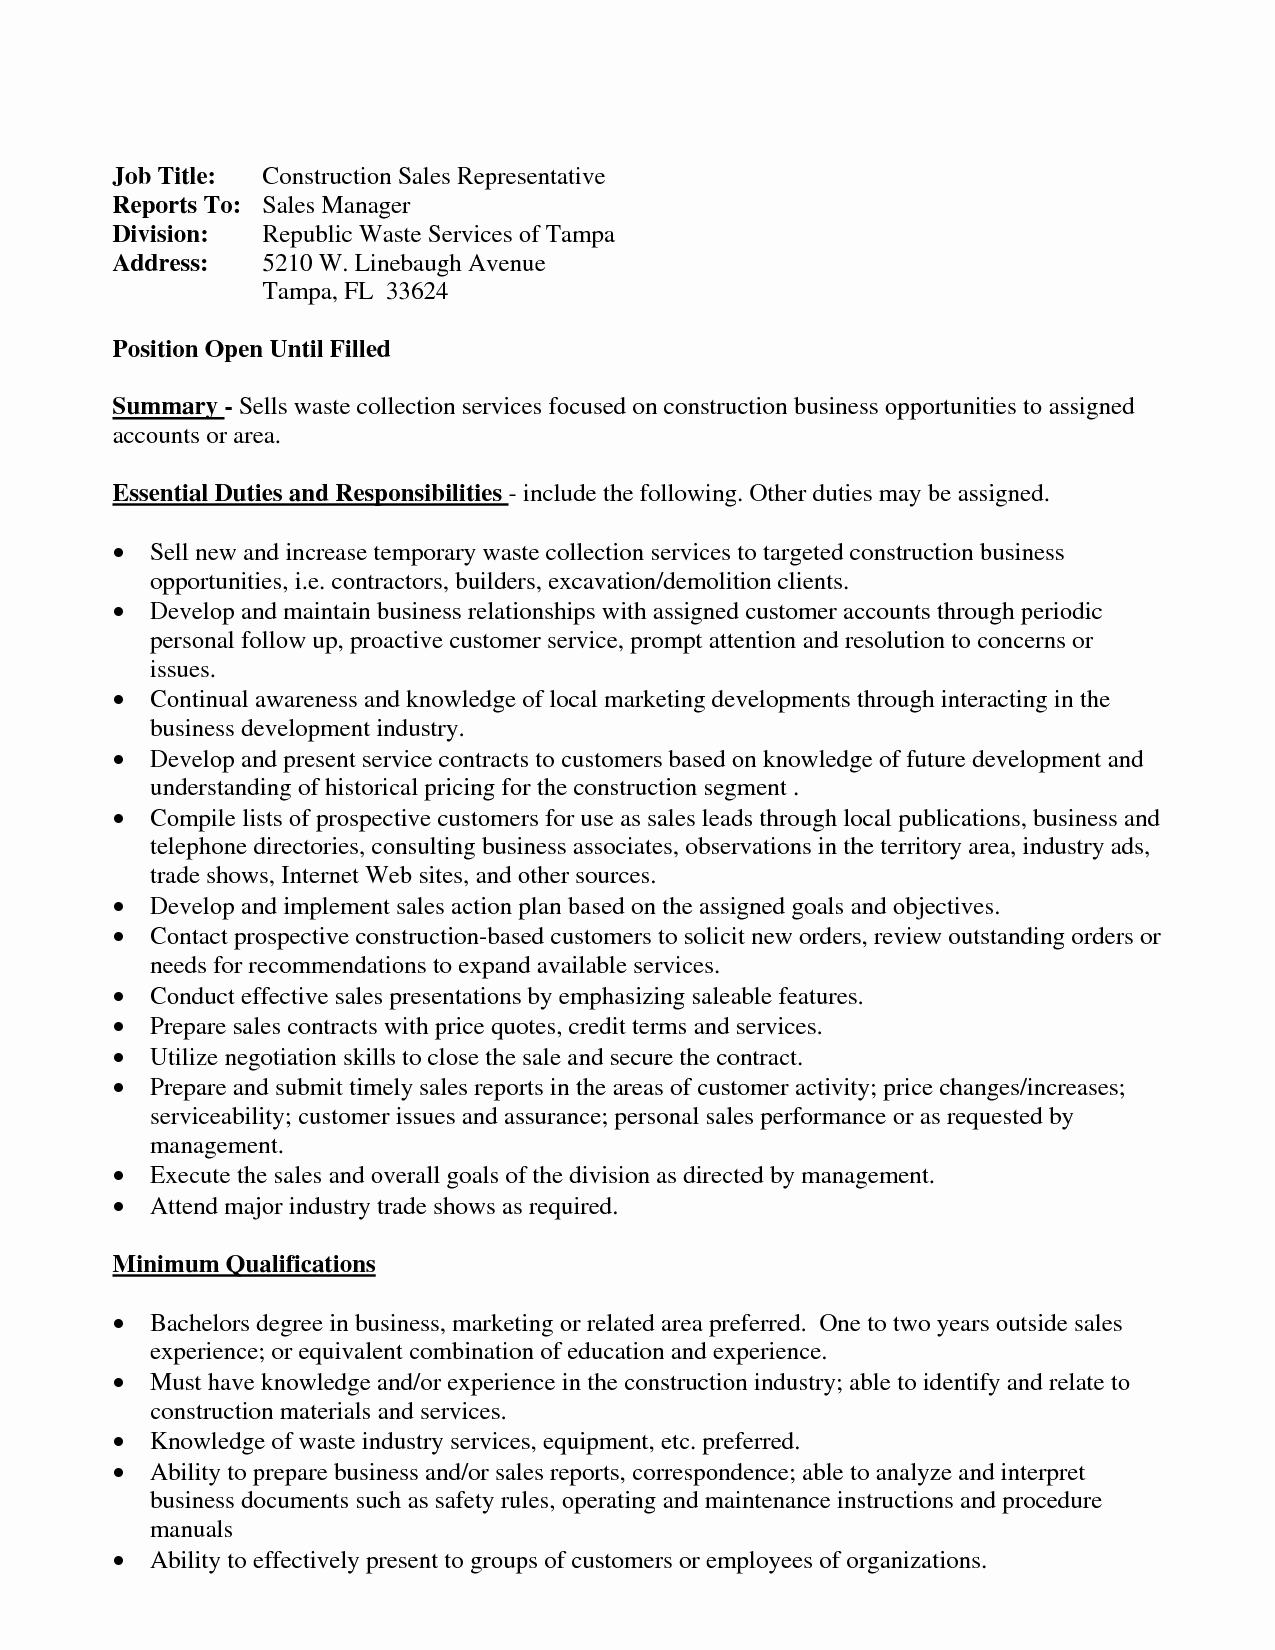 Sales Manager Business Plan Template Unique Sales Manager Business Plan Template Proofreadingx Web